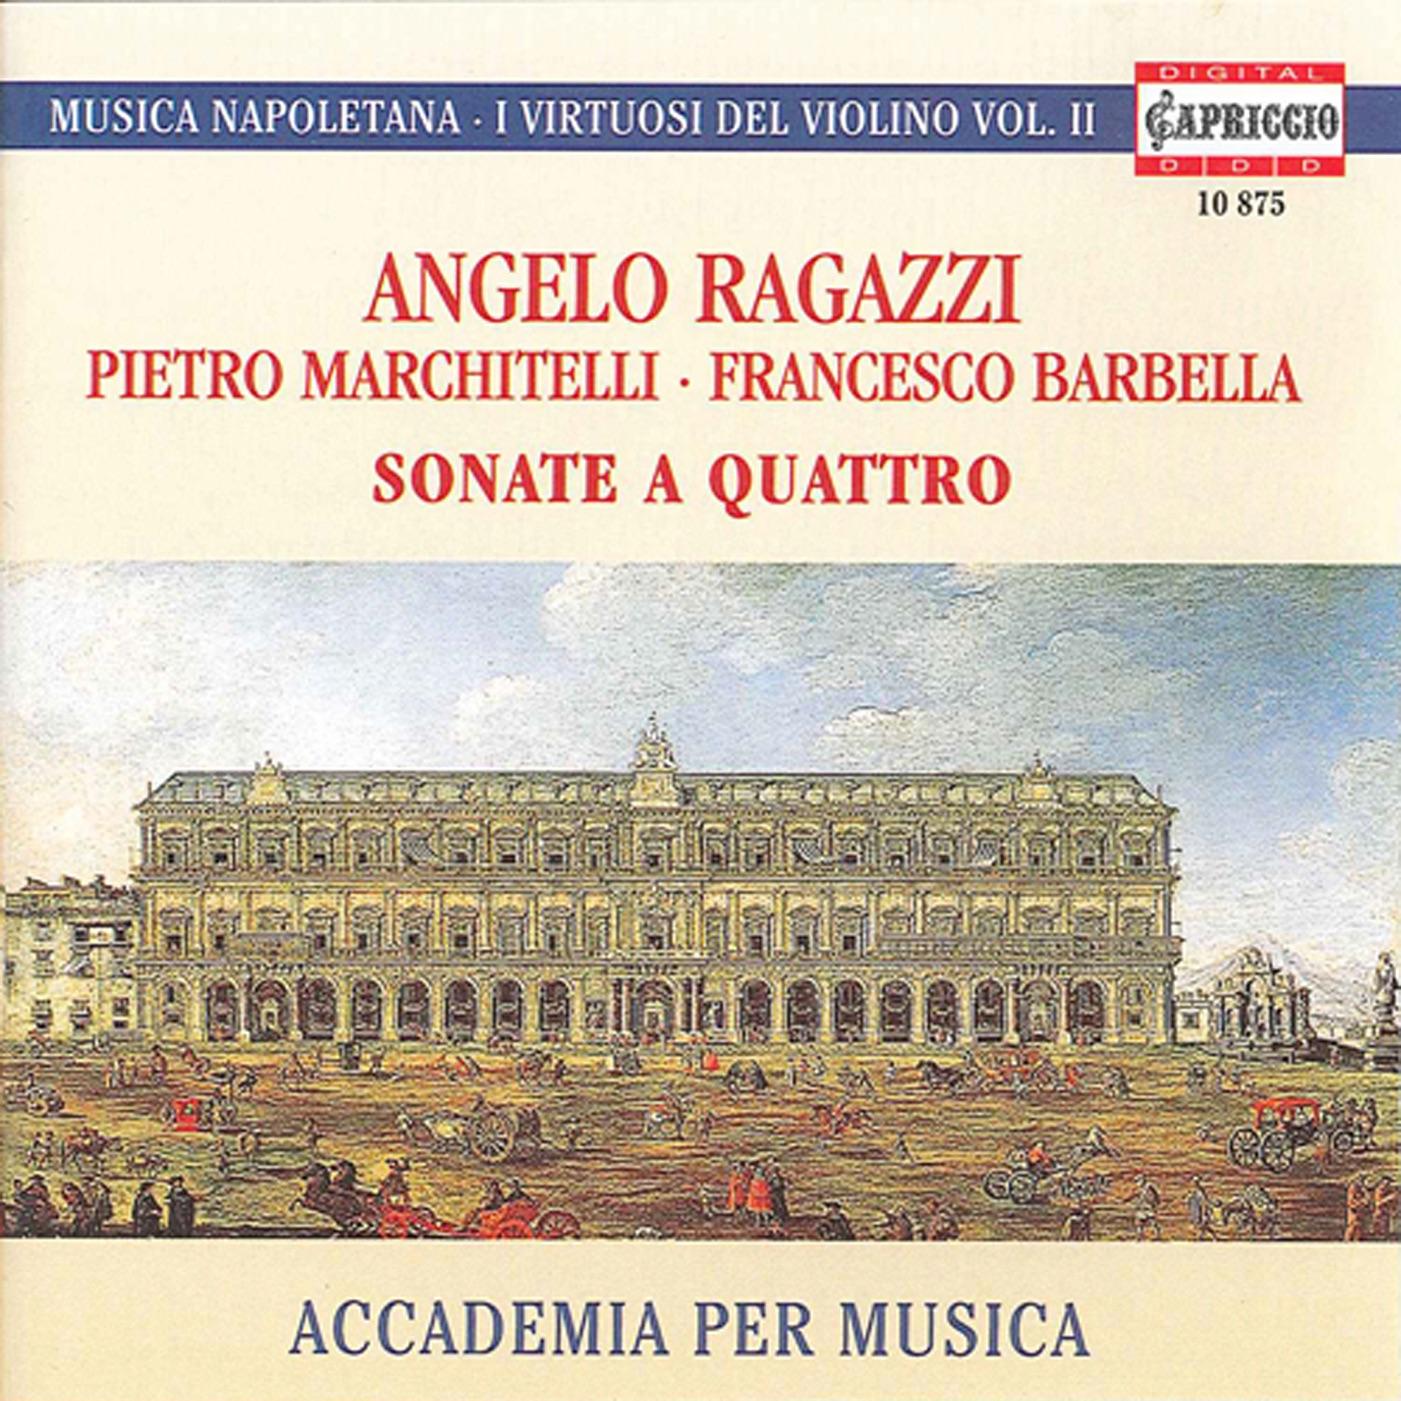 Sonata a 4 in F major: I. Adagio - Allegro